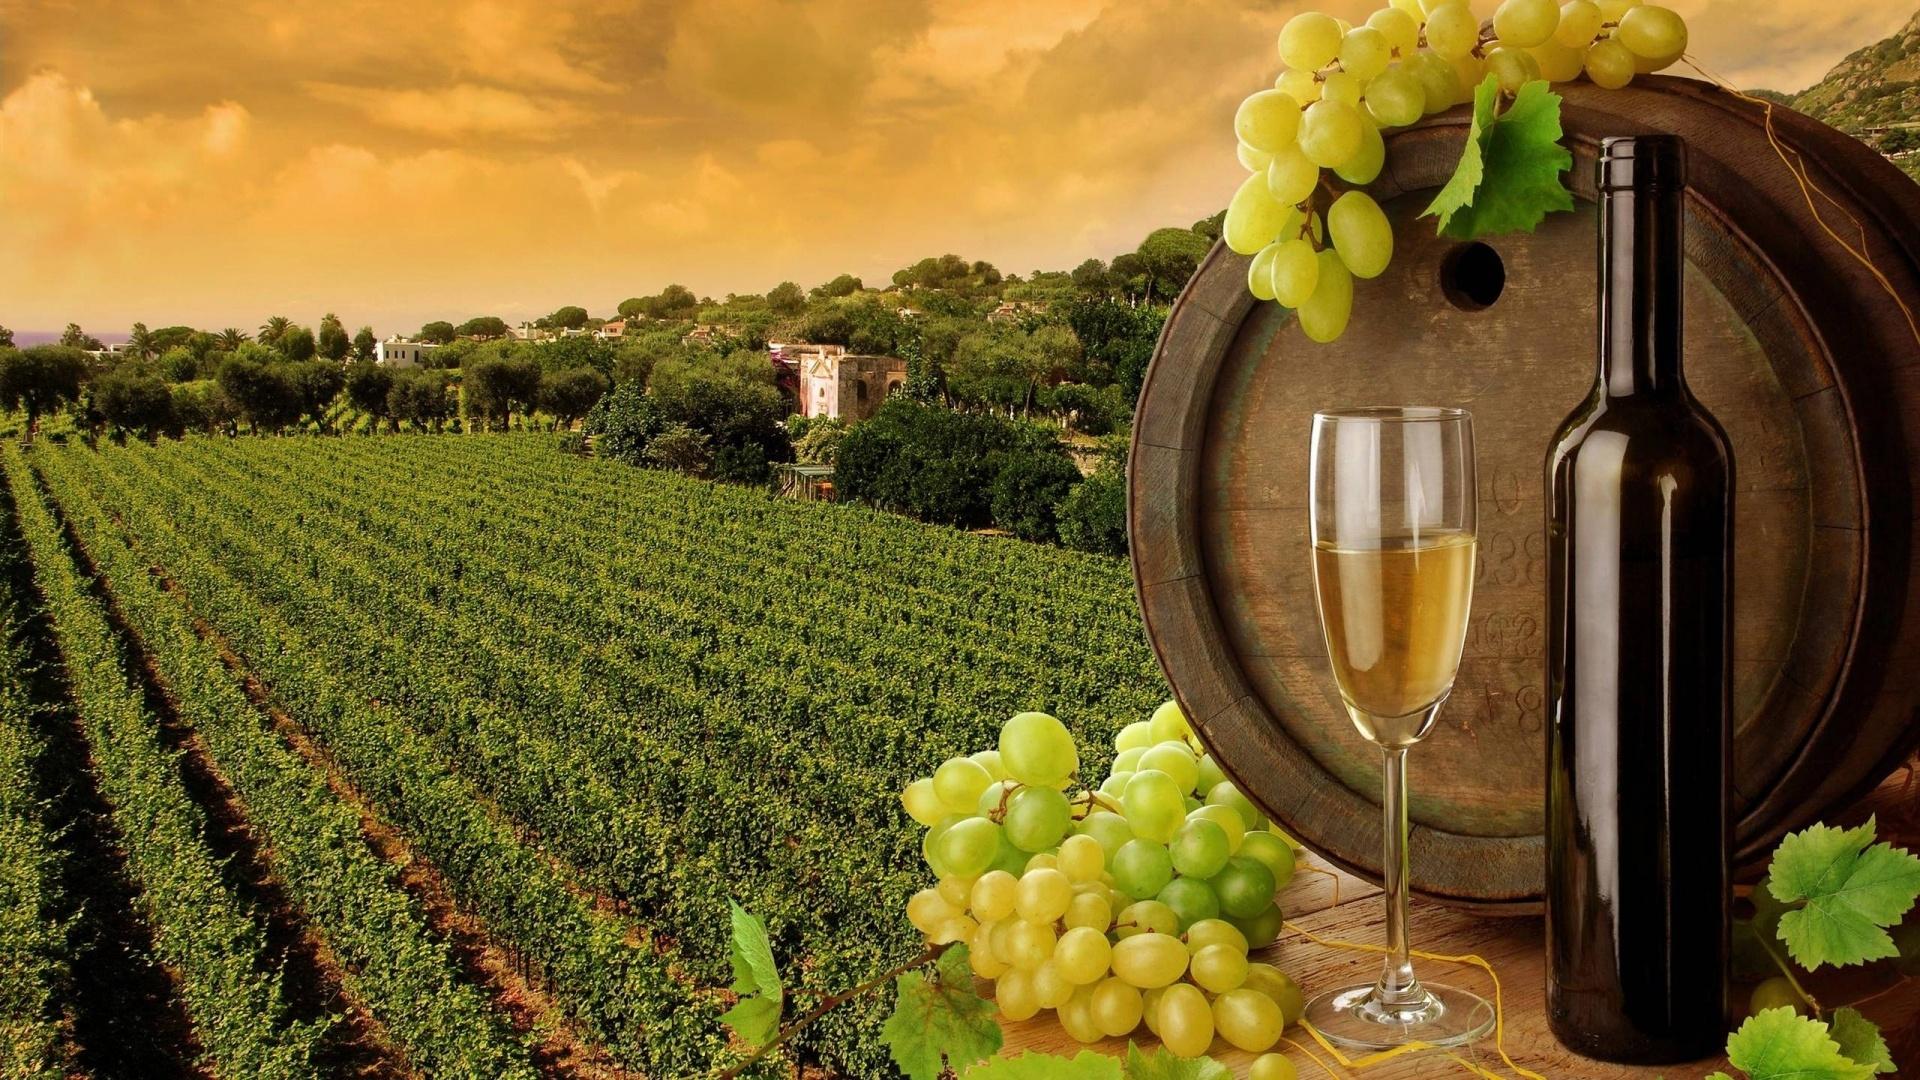 Vineyard laptop wallpaper